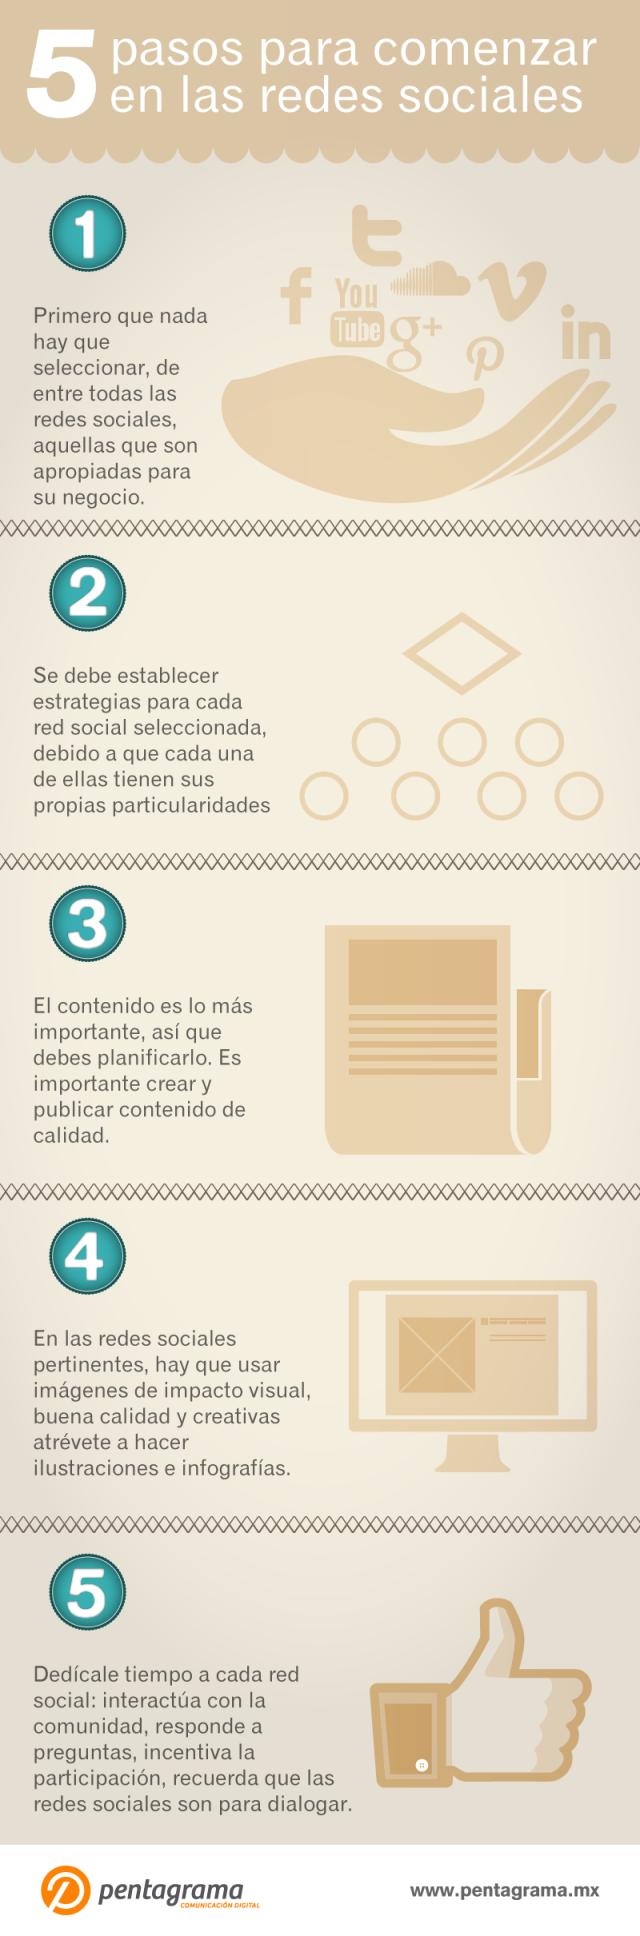 5 pasos para comenzar en Redes Sociales